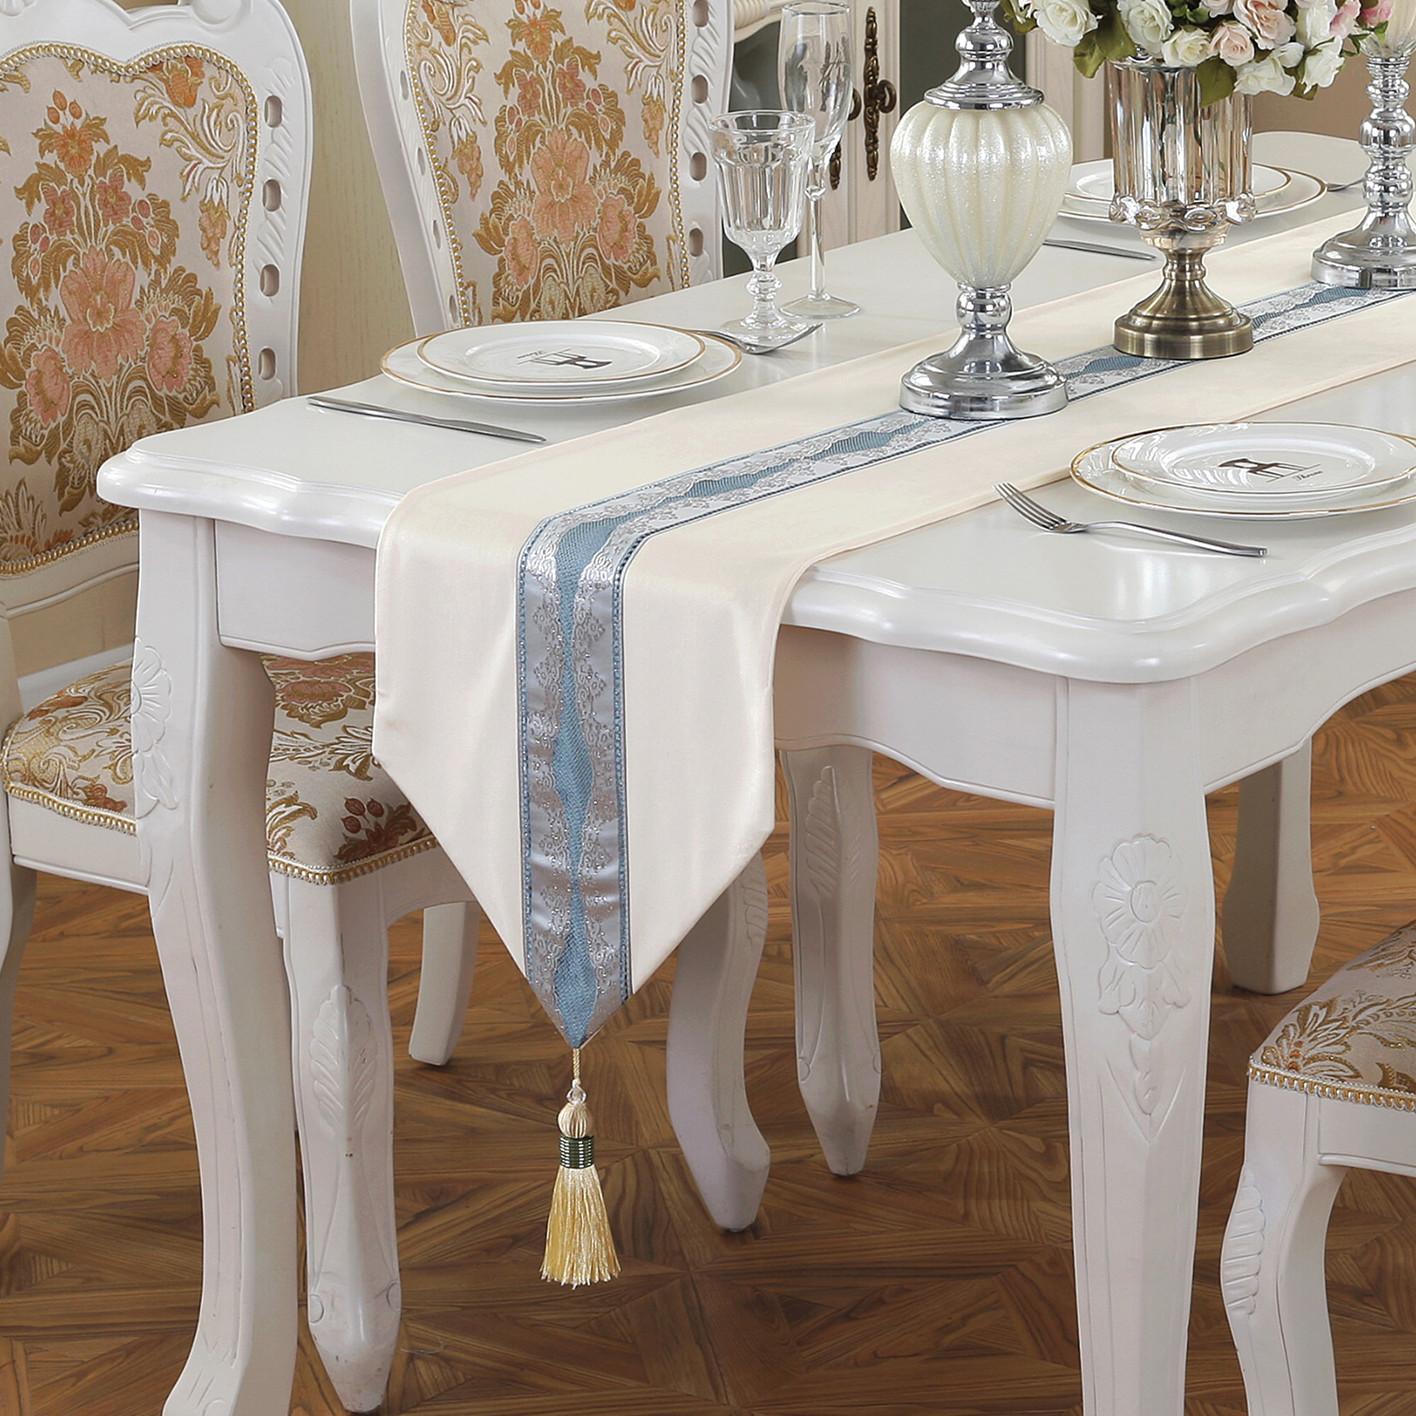 新中式简约桌旗现代欧式美式田园桌布茶几布桌垫床旗床尾巾